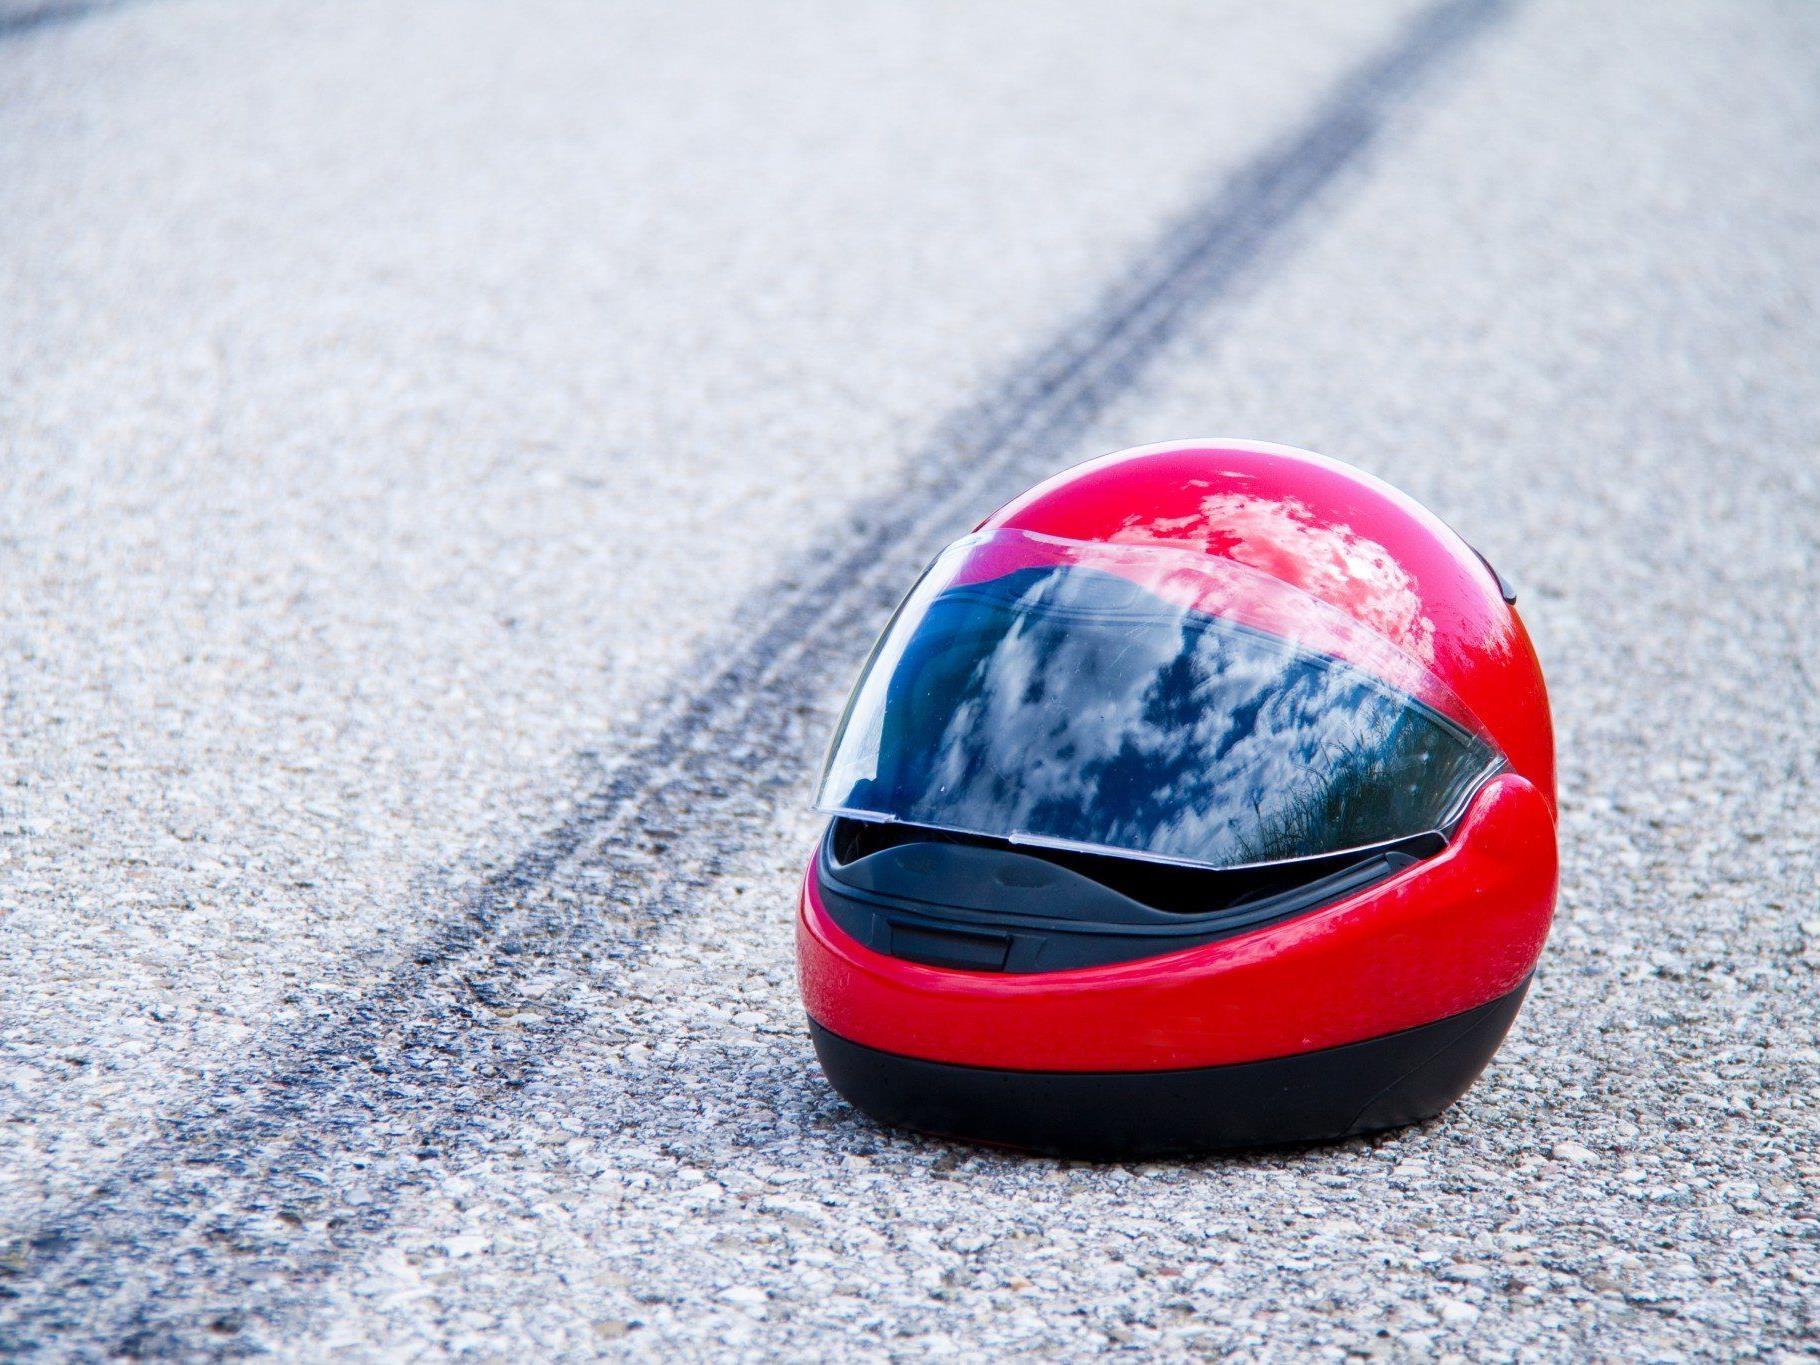 Zwei Motorradunfälle am Sonntag die in Zusammenhang mit Linksabbiegen passierten.